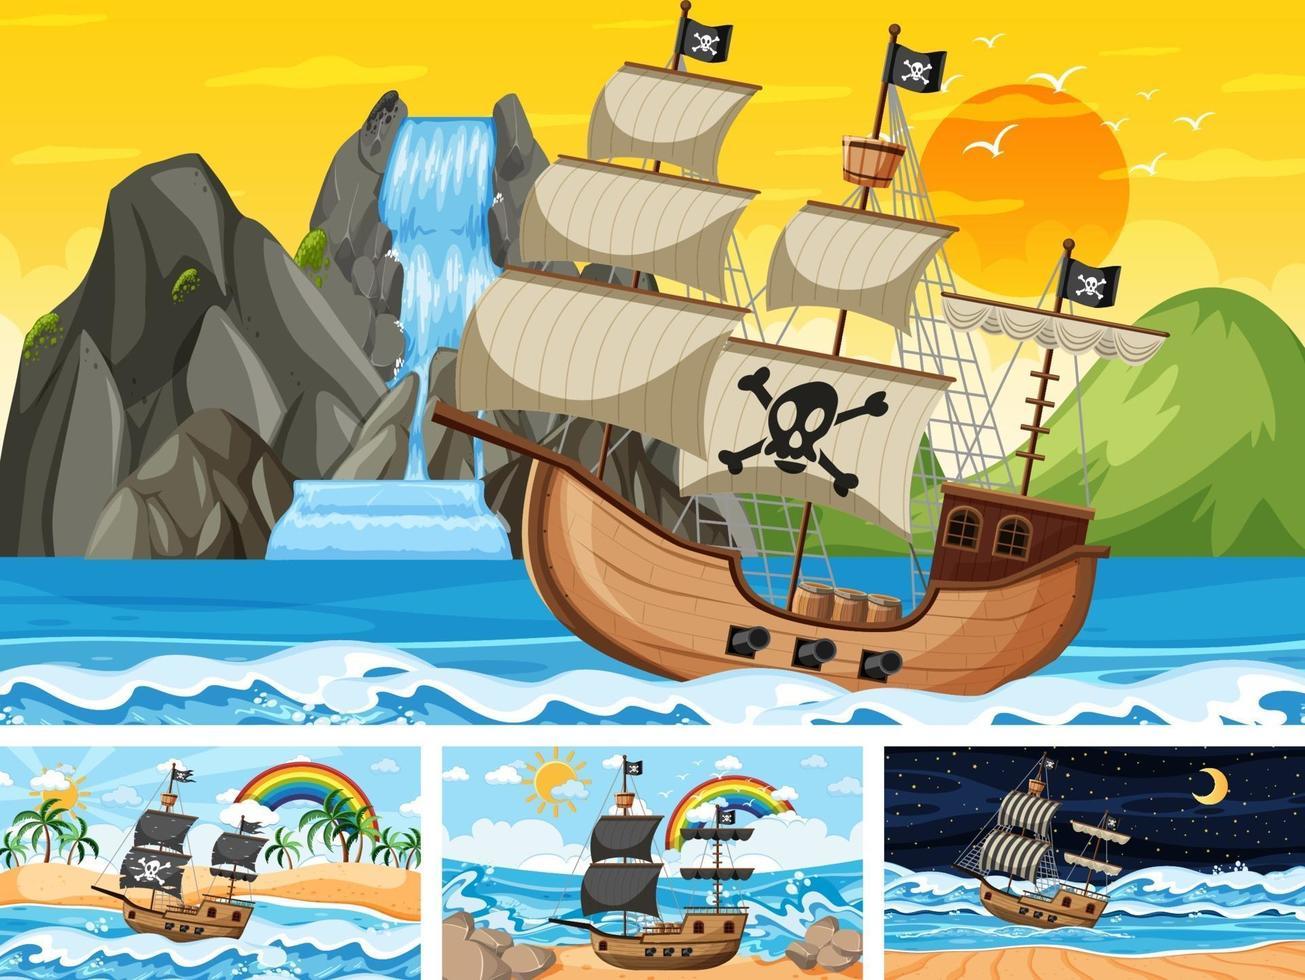 uppsättning hav med piratskepp vid olika tidpunkter scener i tecknad stil vektor